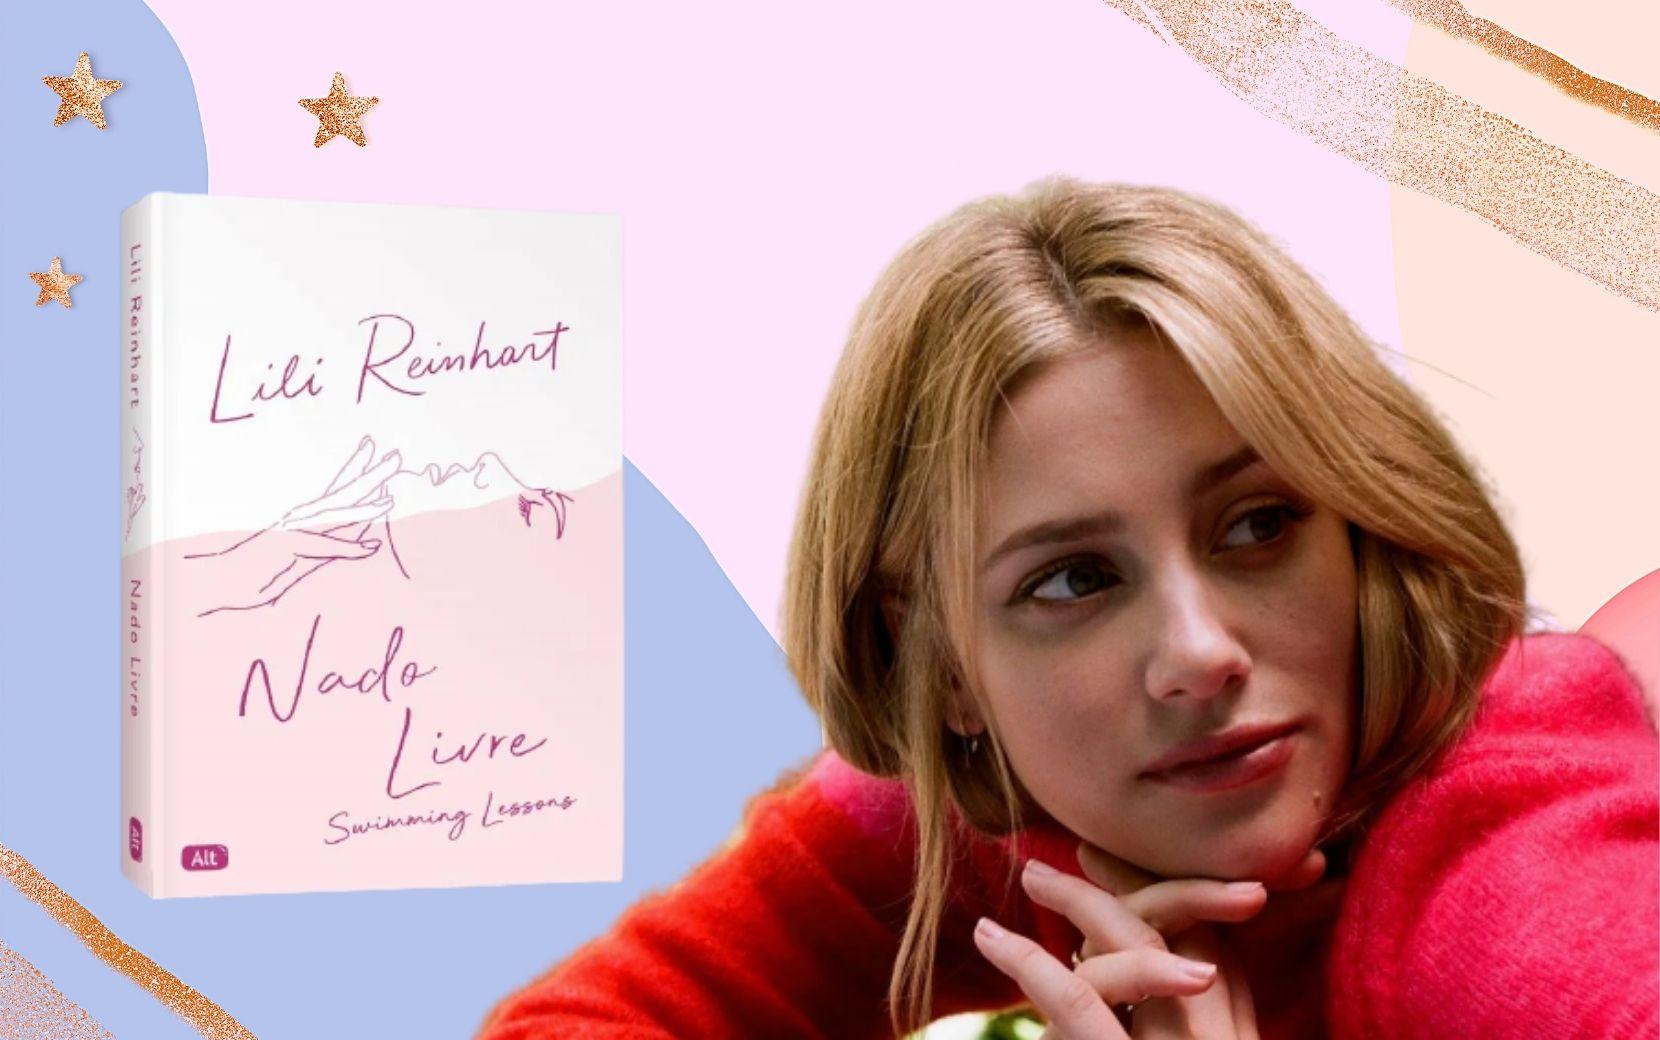 """""""Nado Livre"""": tudo sobre o novo livro de Lili Reinhart, atriz de """"Riverdale"""""""